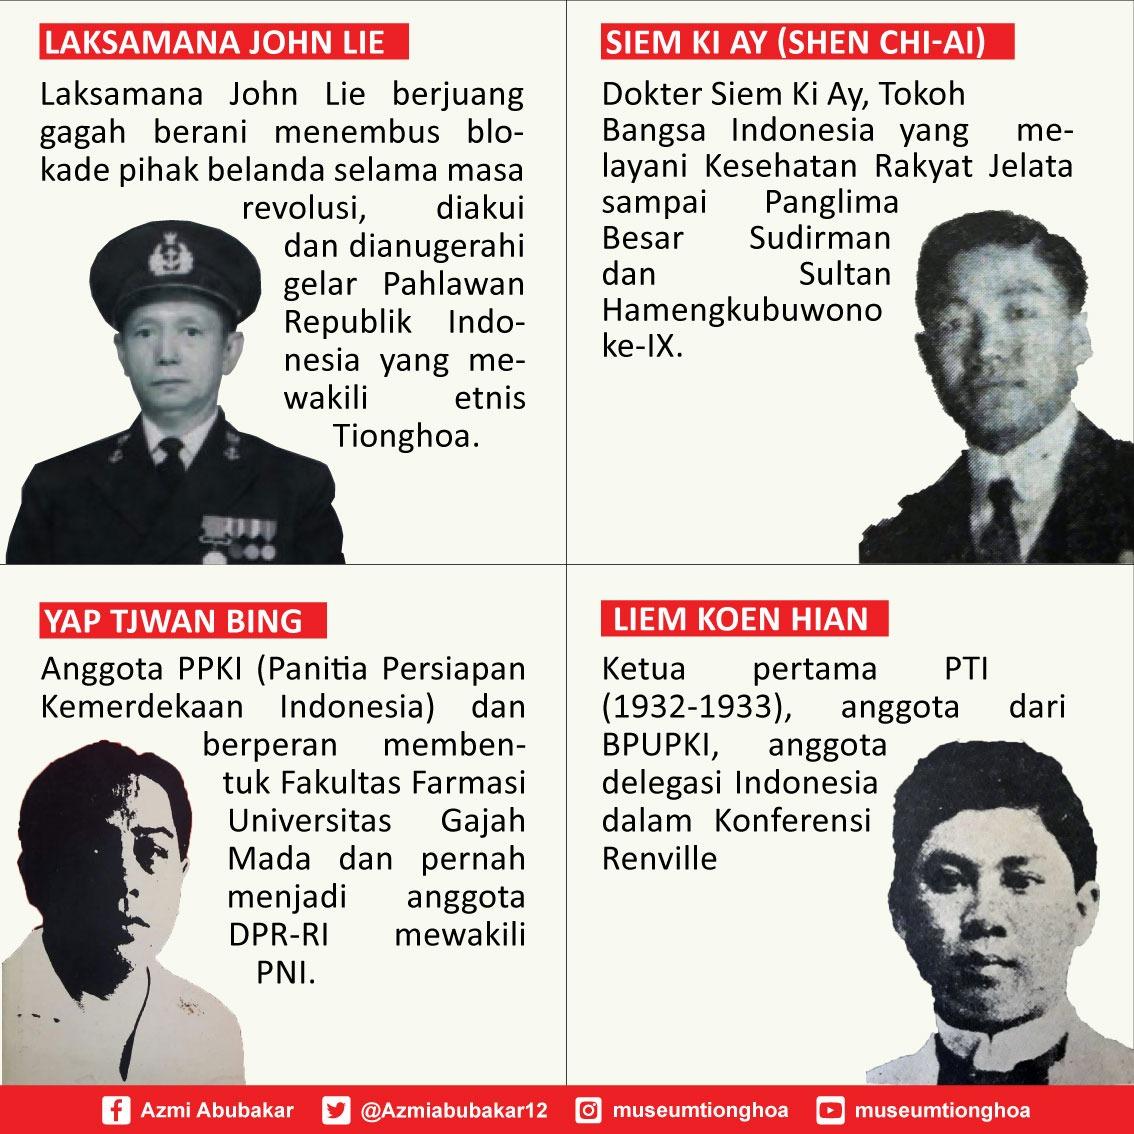 @jokowi Selamat Hari Pahlawan 💪